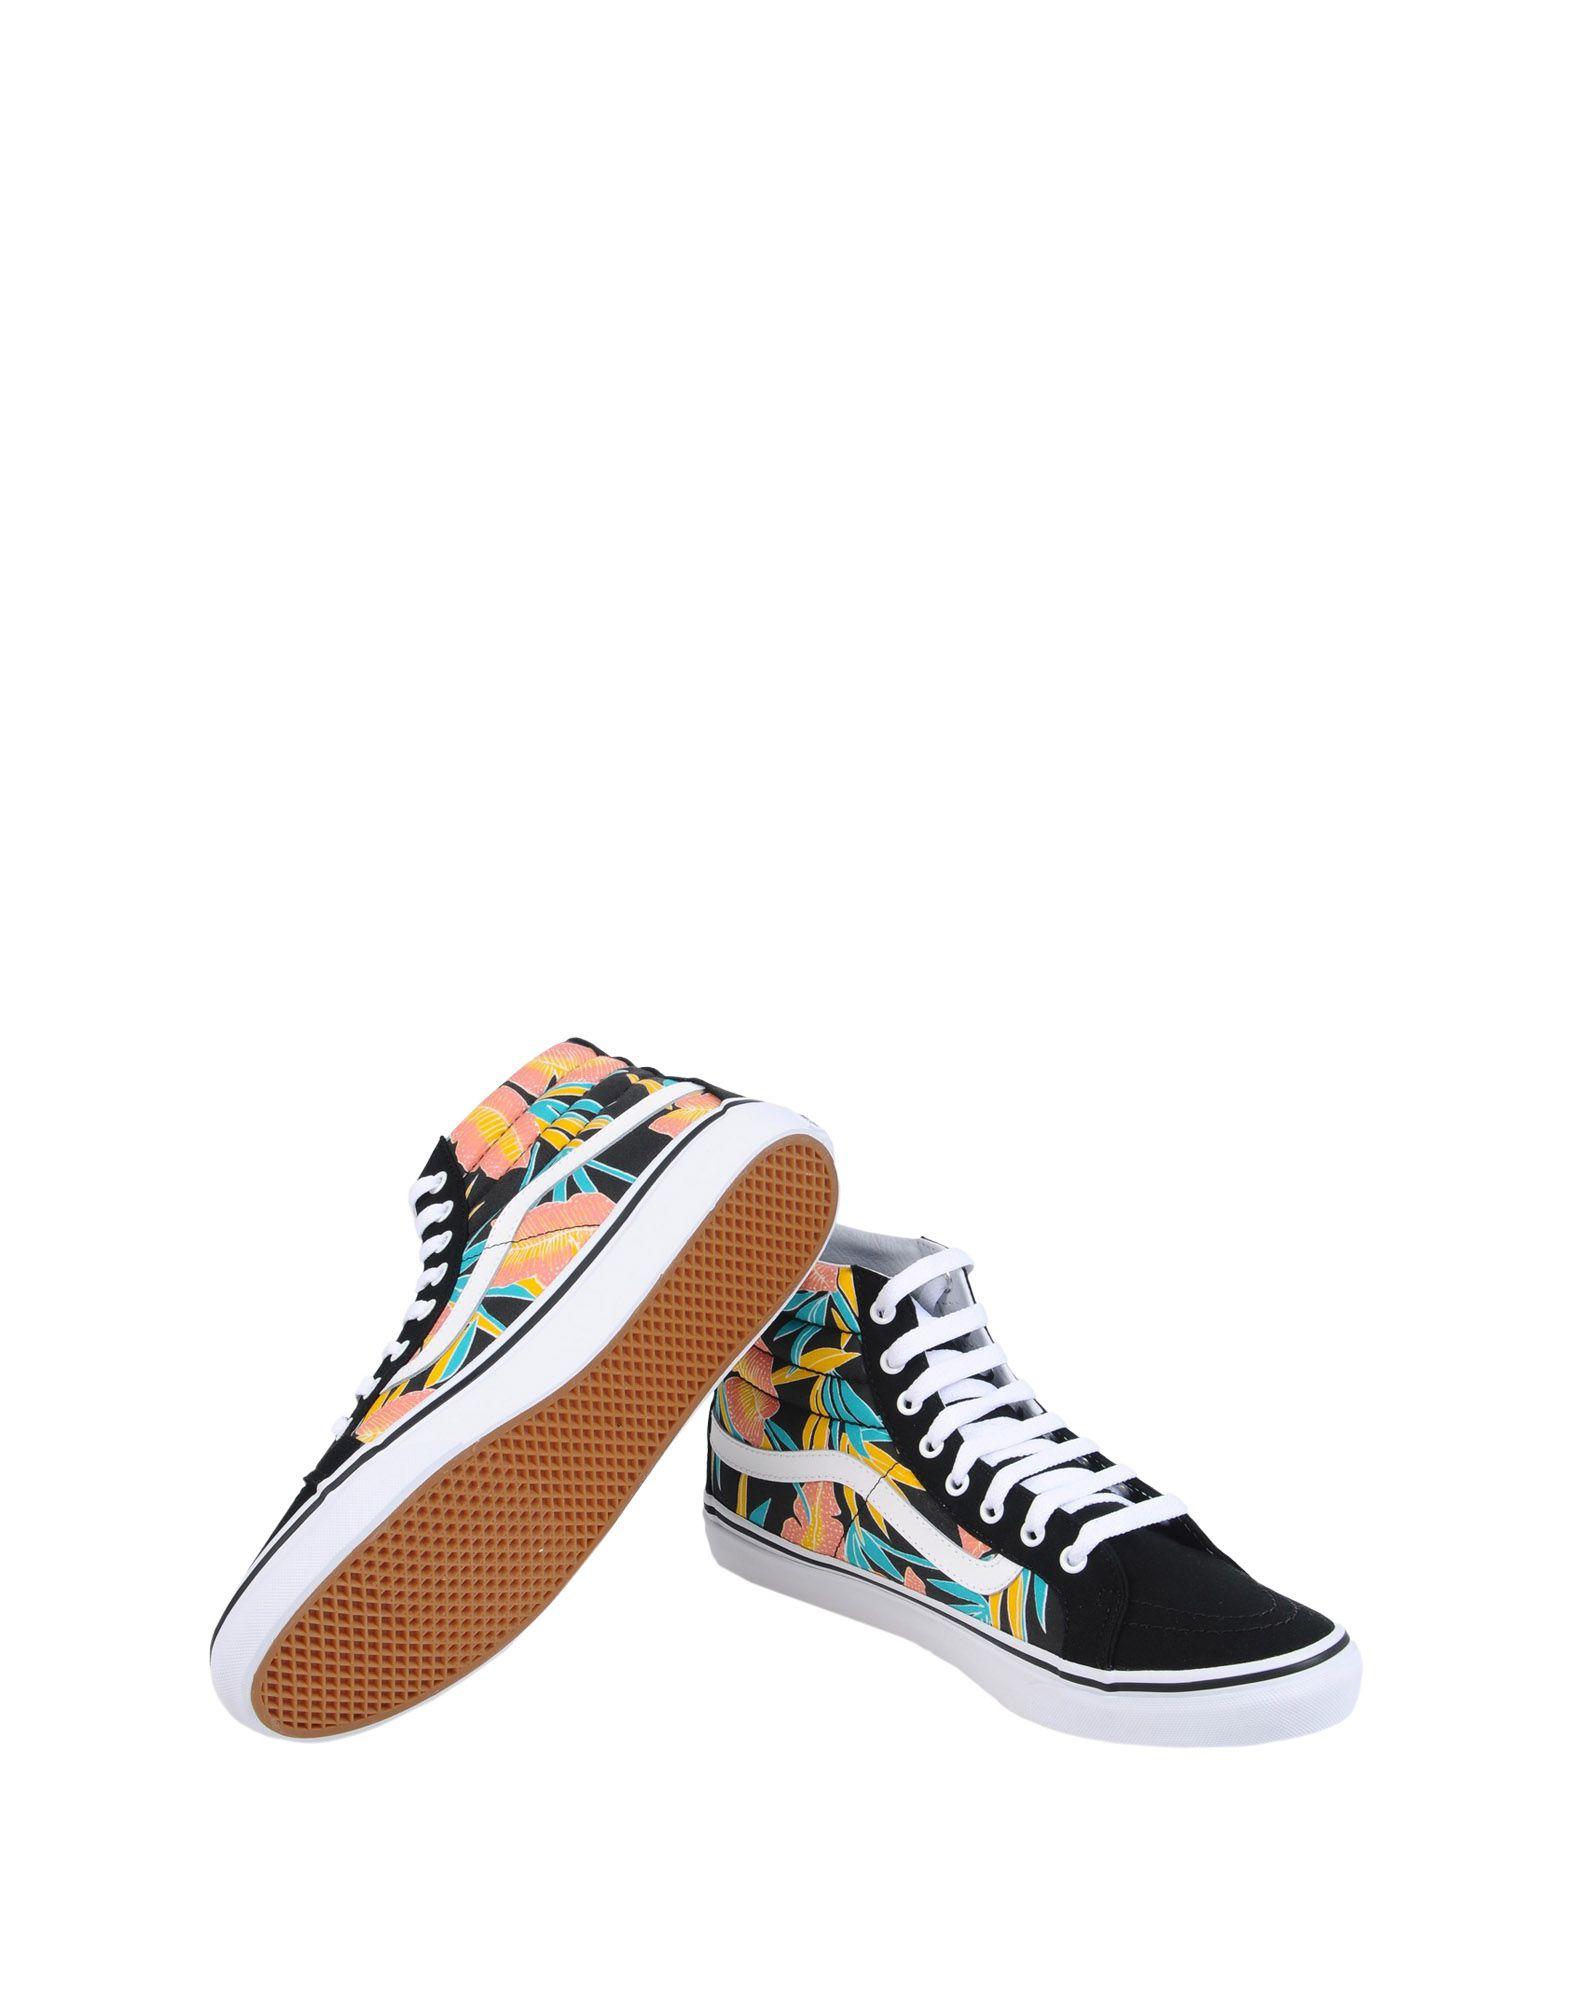 Sneakers Vans Ua Sk8-Hi Slim - Tropical Leaves - Femme - Sneakers Vans sur